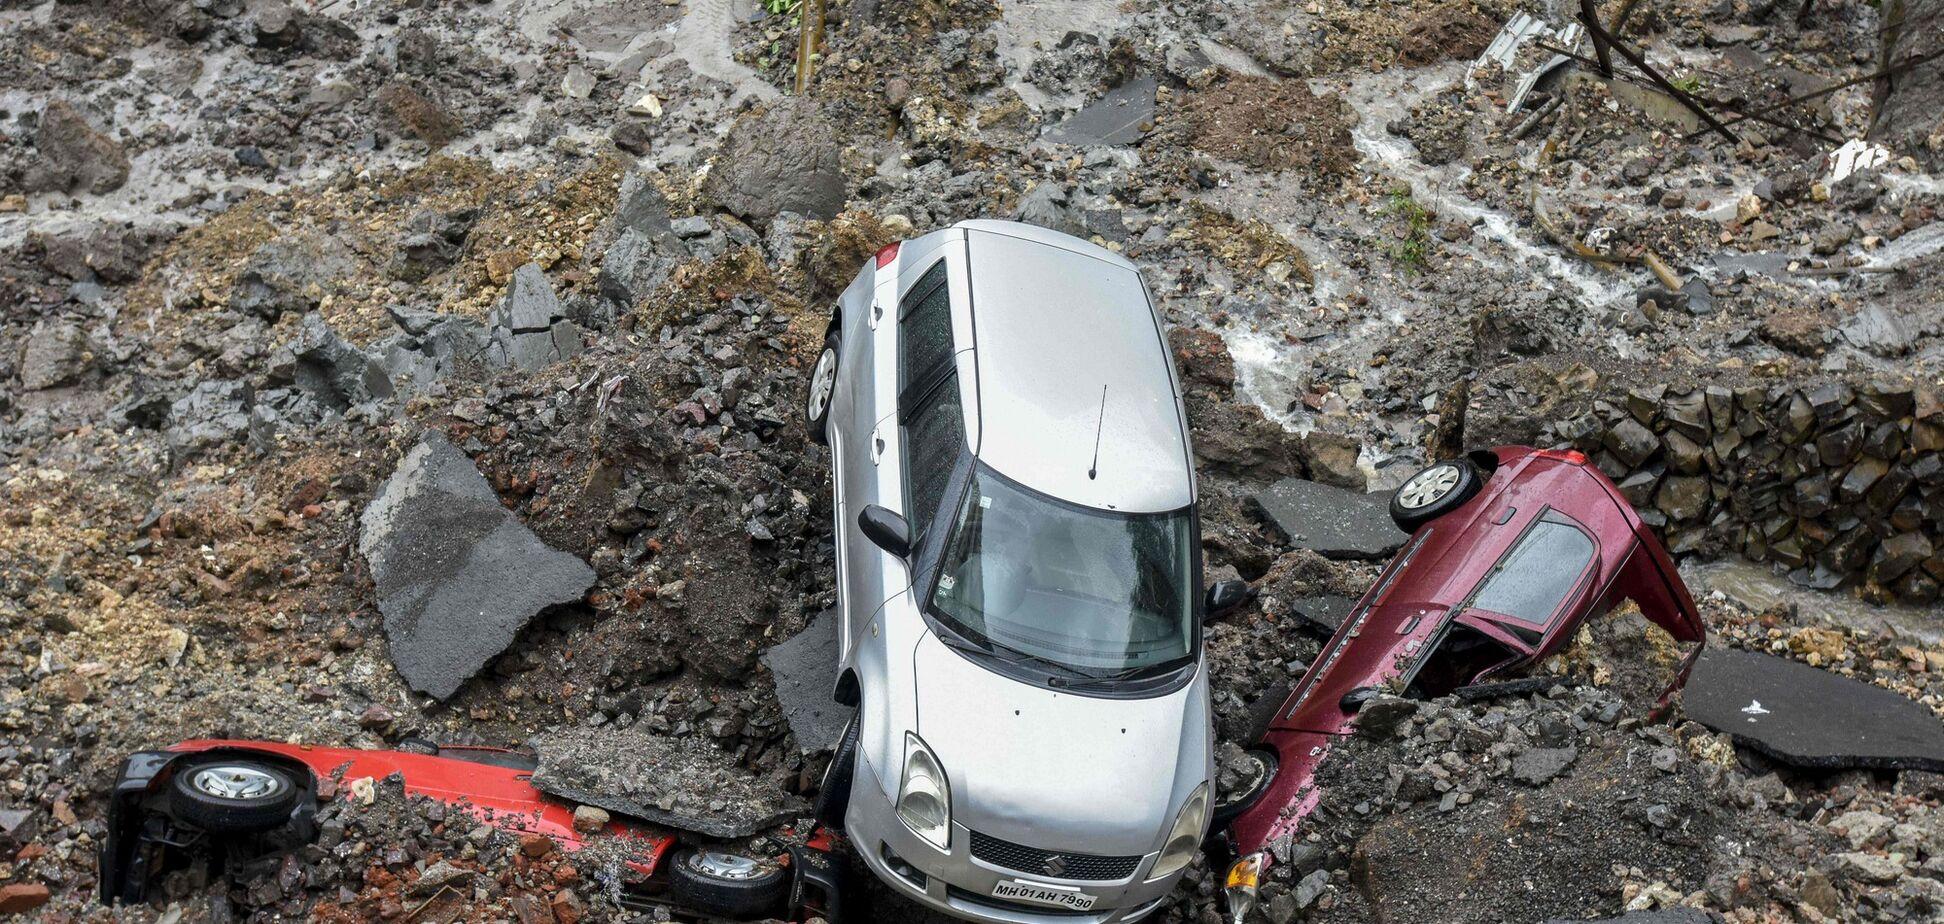 В Індії потужний каменепад зніс міст через річку, загинули 9 осіб. Відео